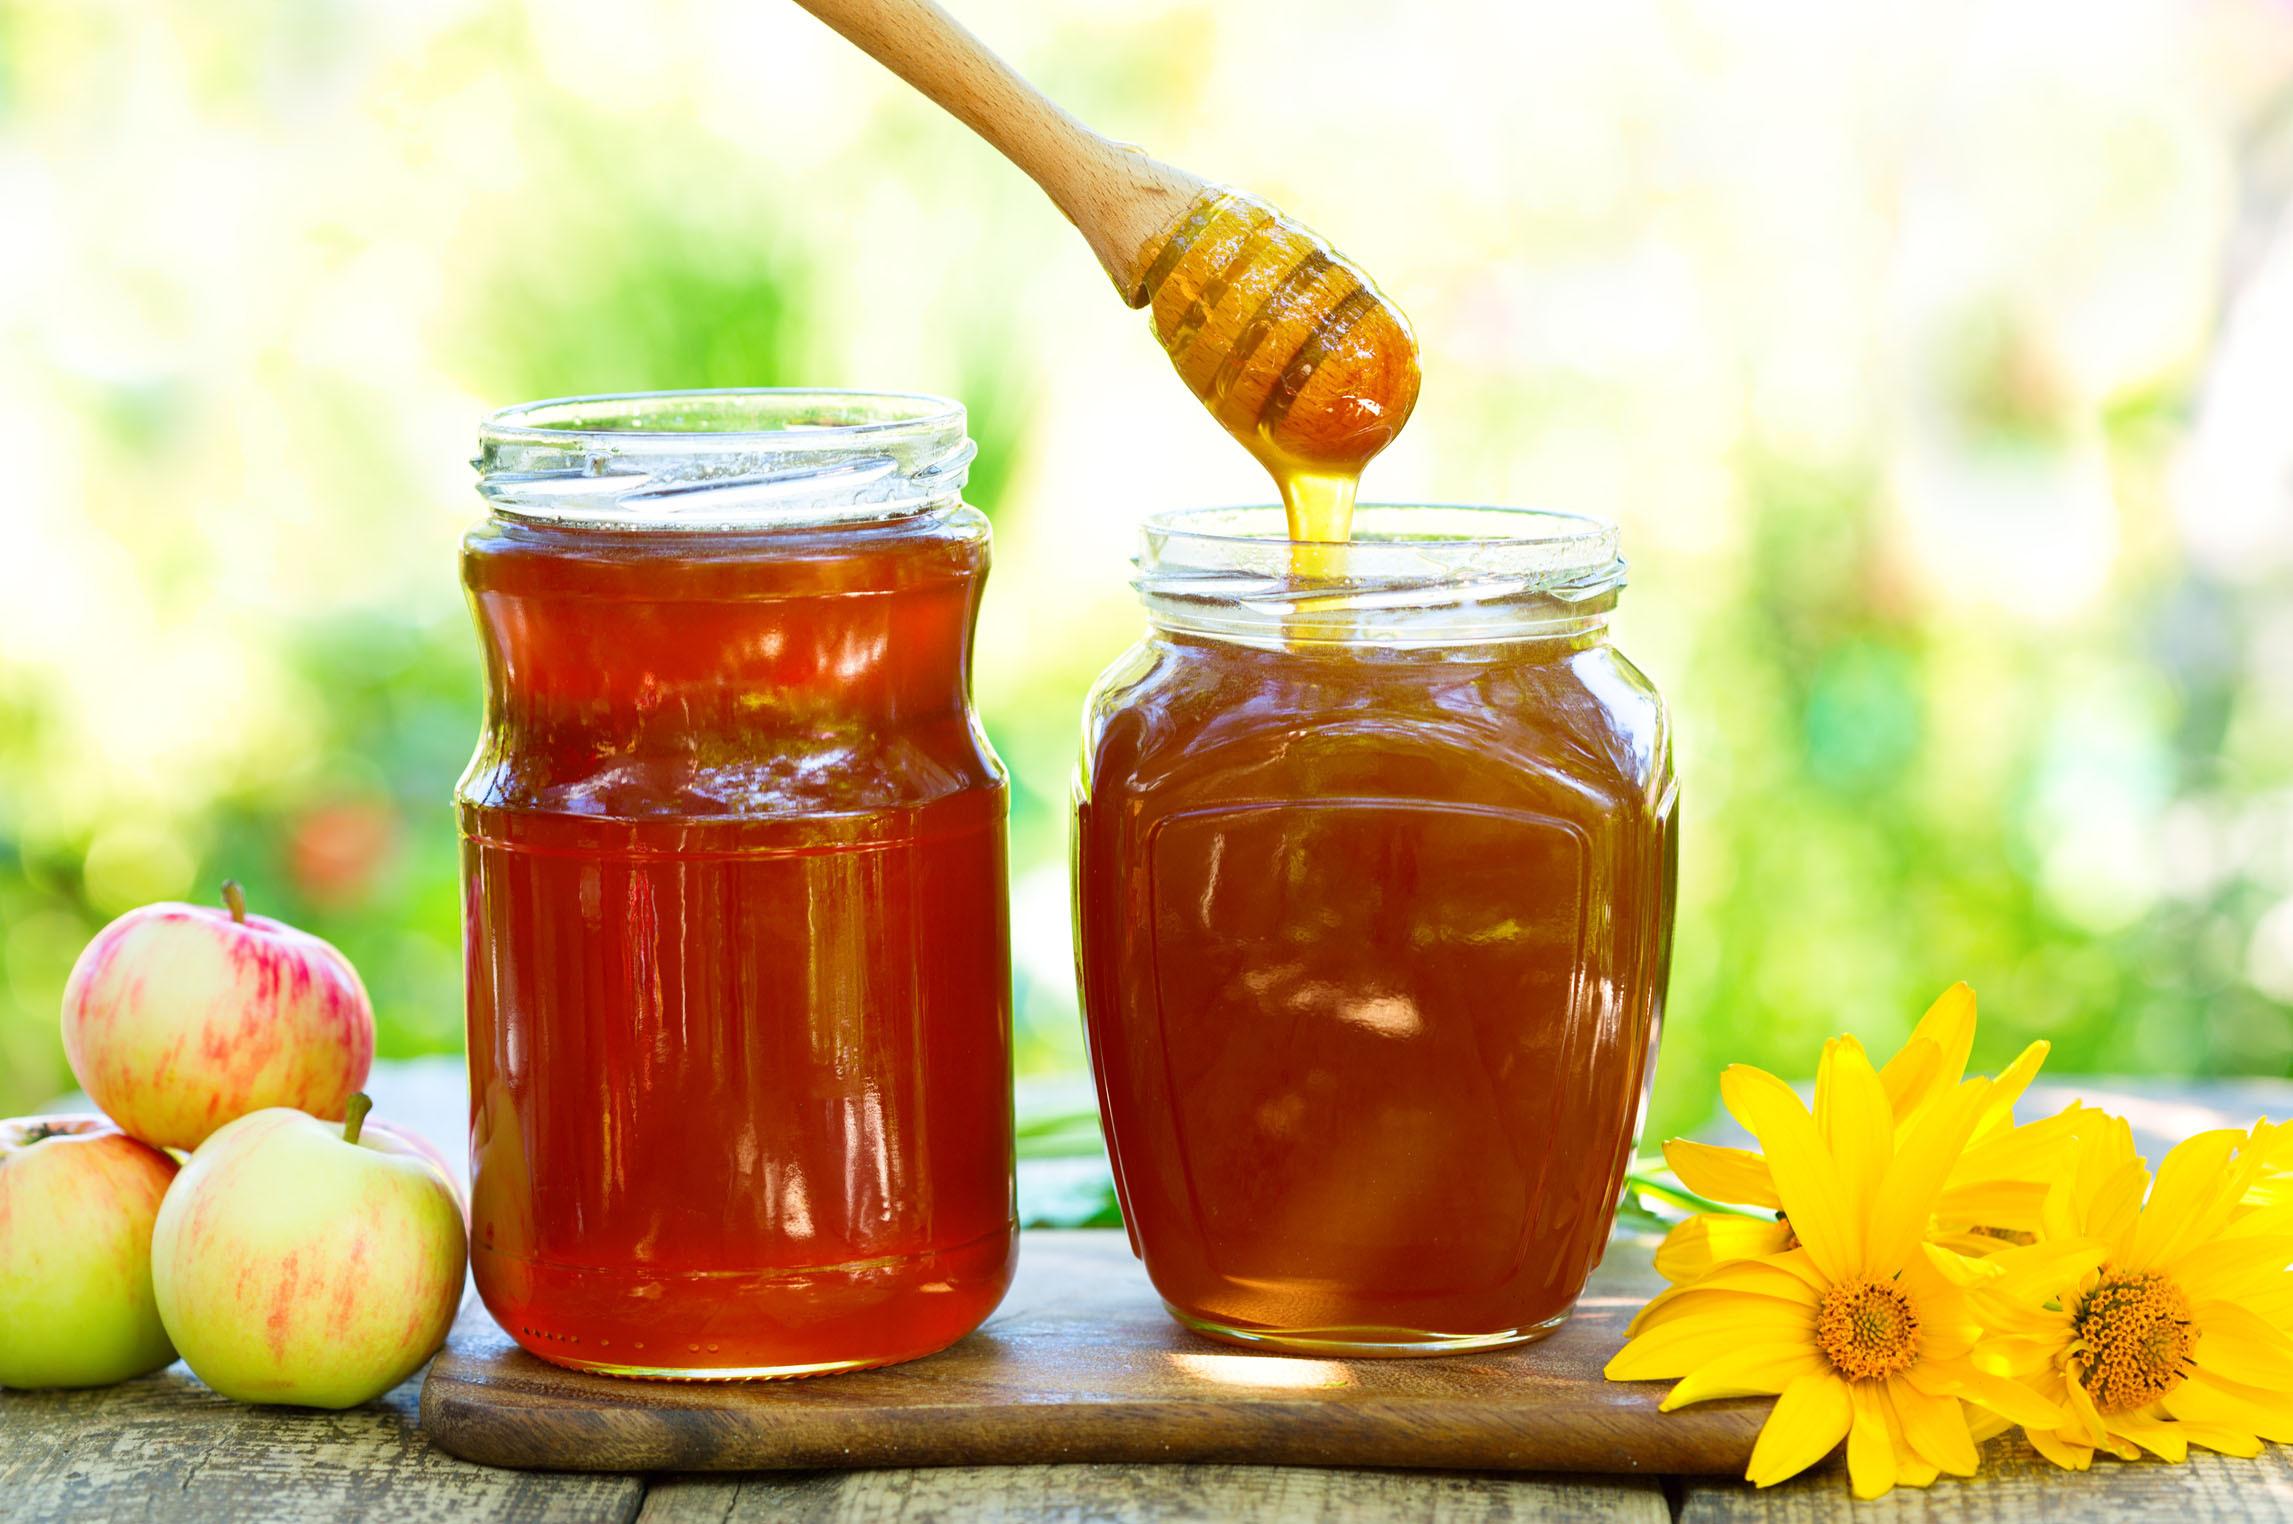 蜜蜂吃蜂蜜还是花粉(蜜蜂吃什么)